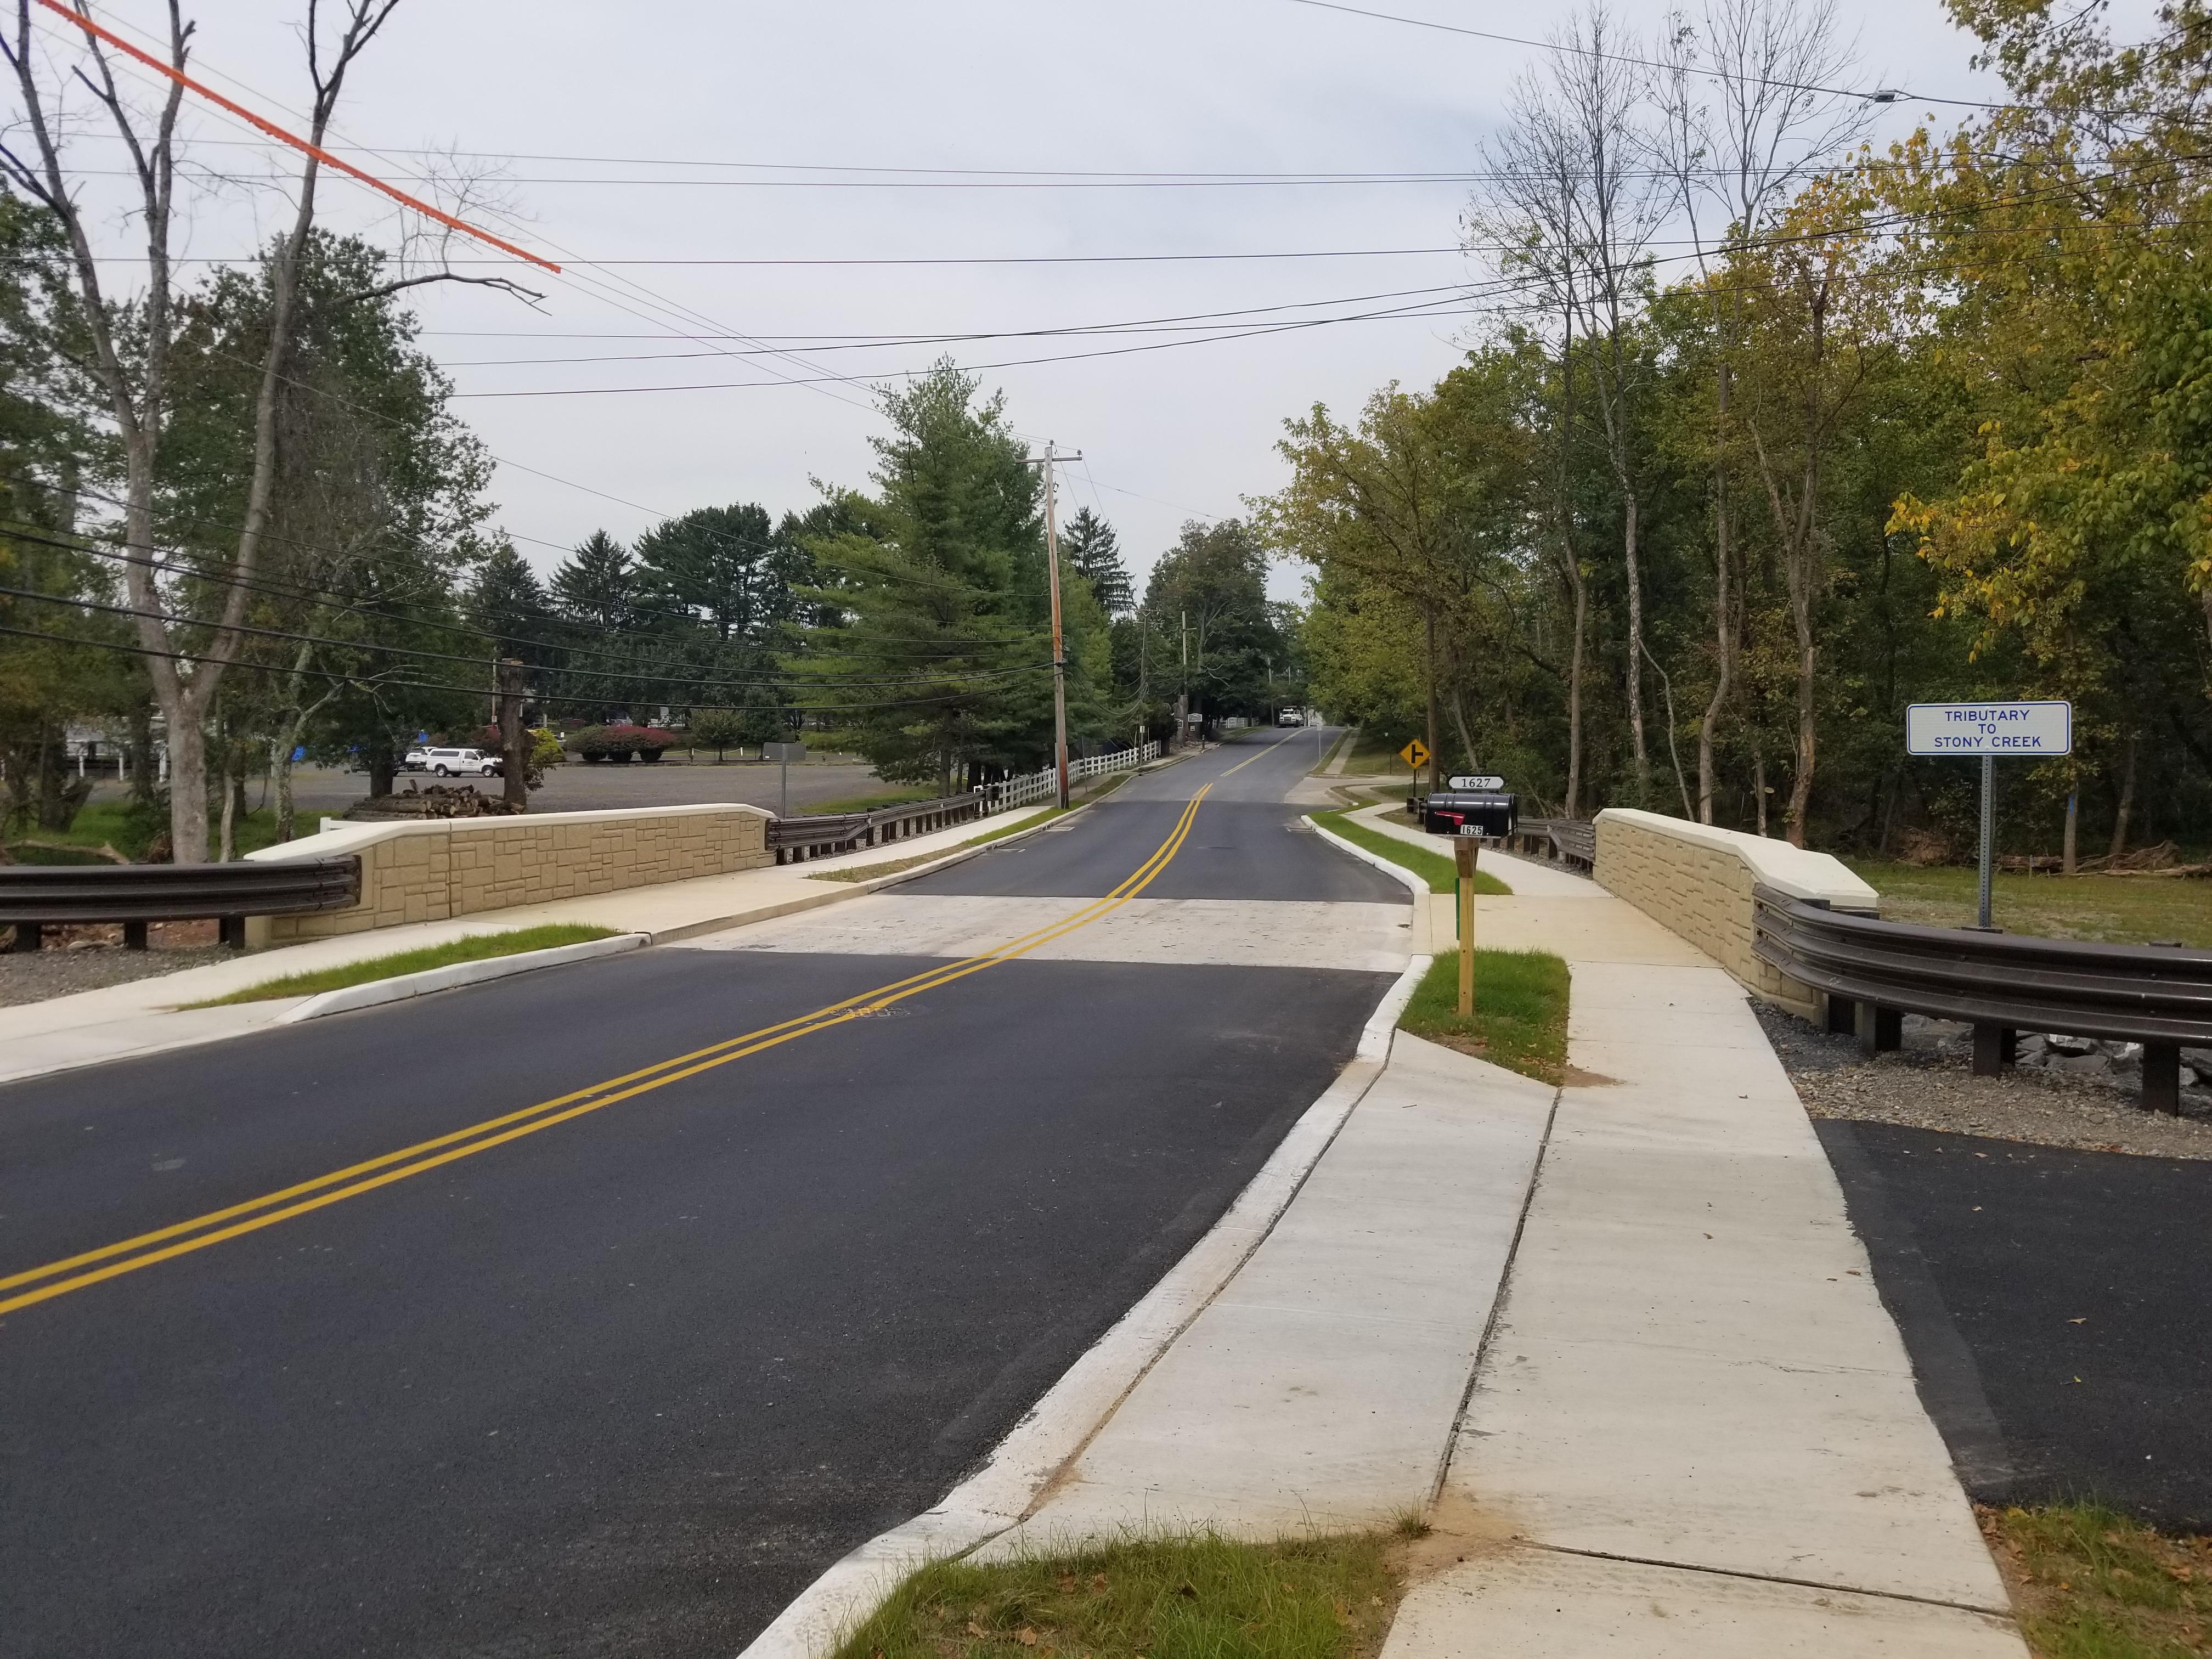 Yost Road over Stony Brook